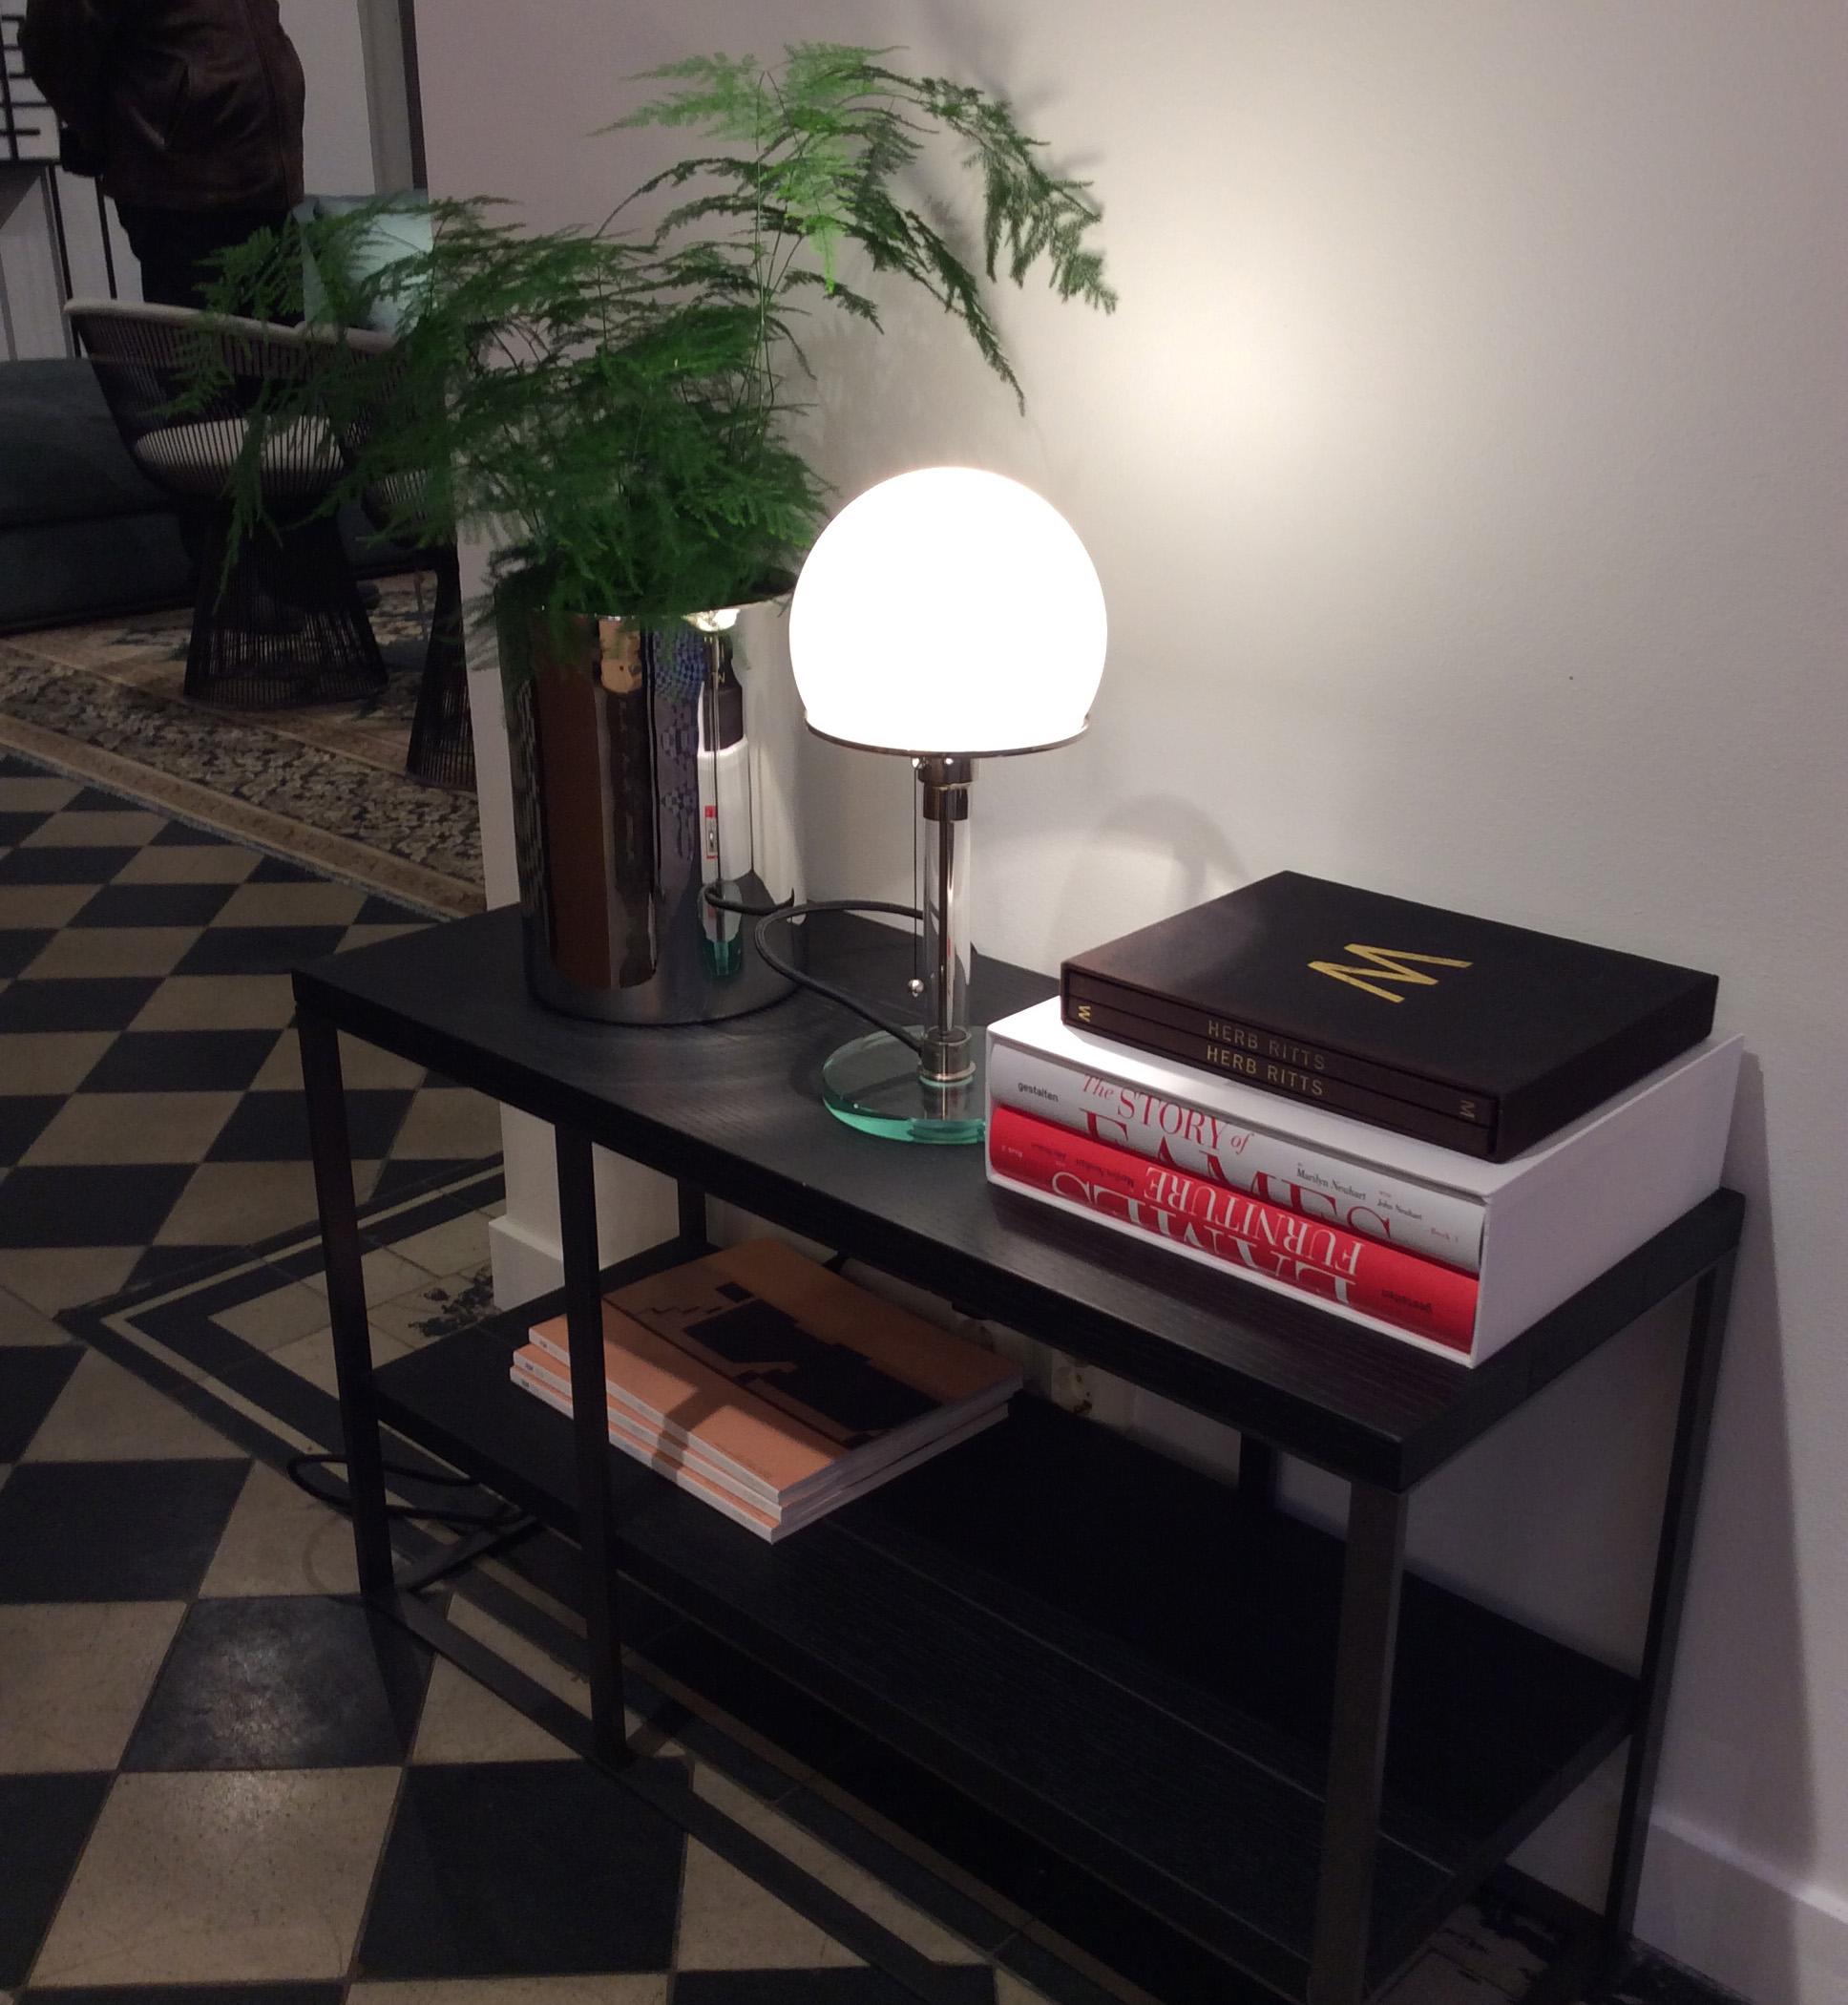 Det blir ikke mer tidløst enn Bauhaus lampen. Den var nok litt for moderne for folk på 1930-tallet, men har blitt en klassiker i vår tid. Flott kombinasjon med glass, sølv og sort.